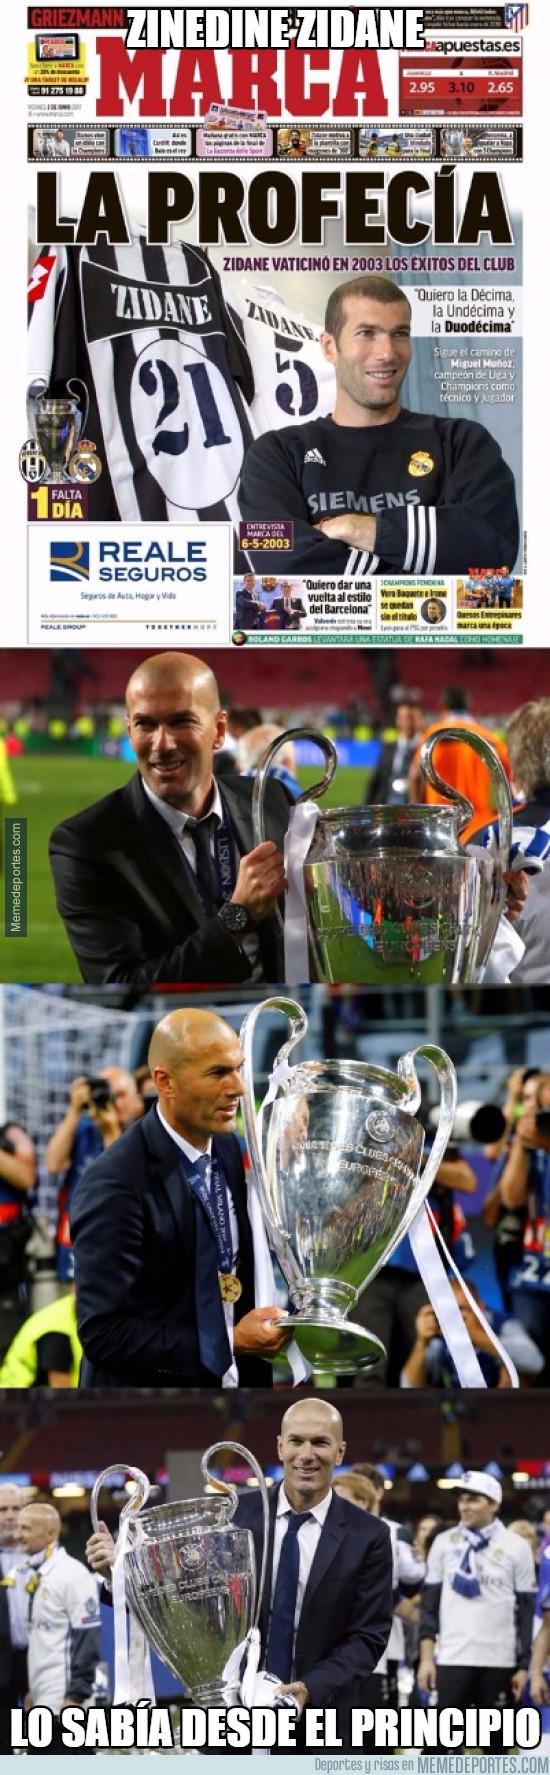 979912 - La entrevista a Zidane que predijo las Champions que ganaría con el Madrid